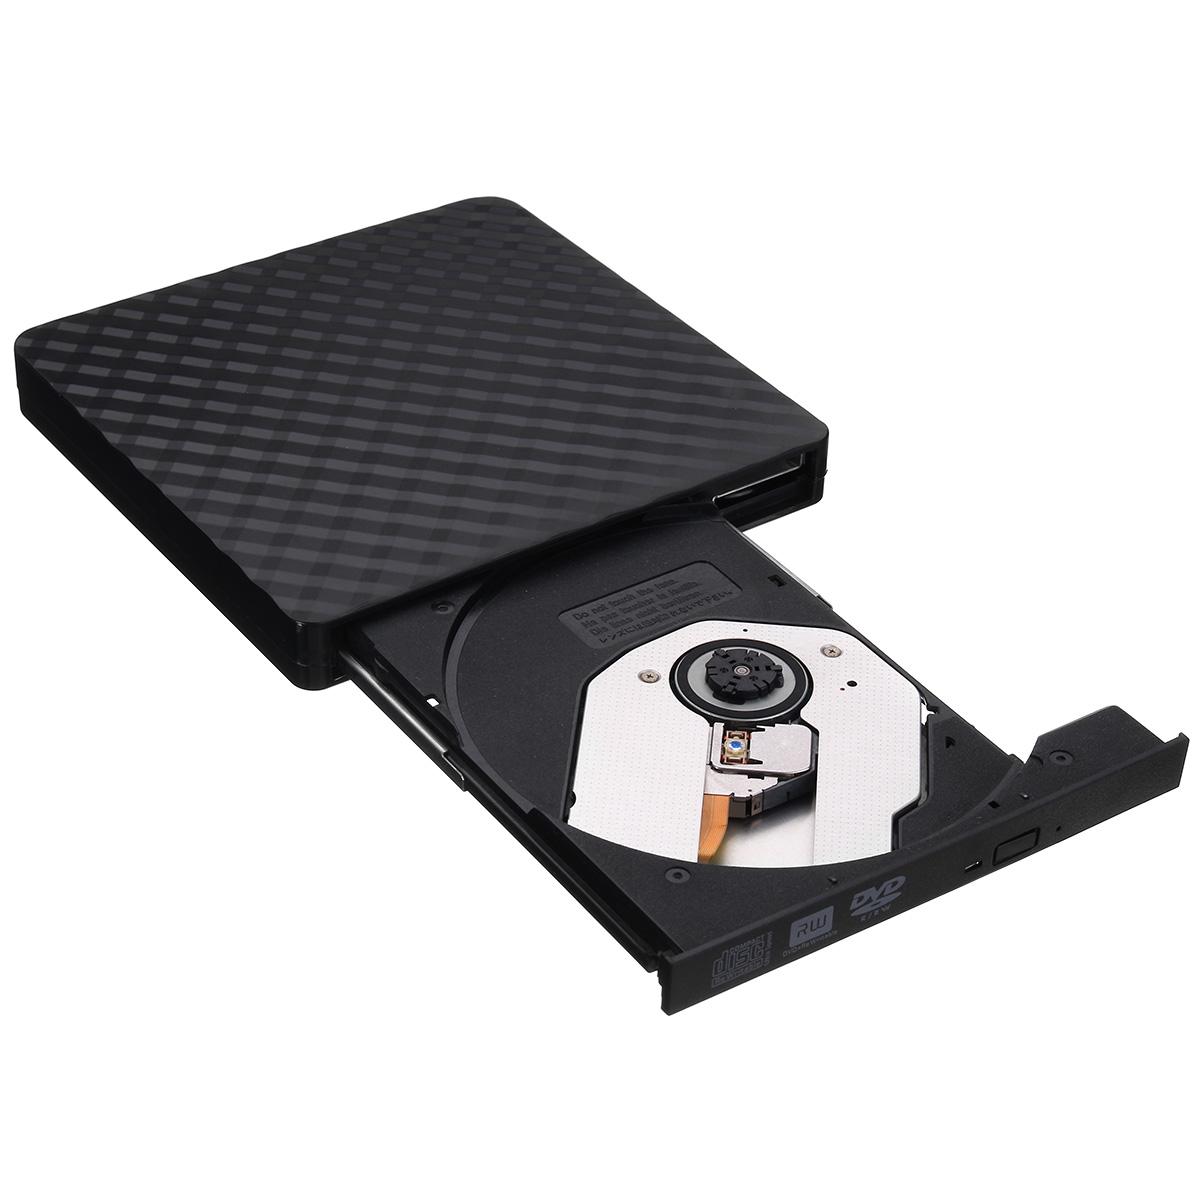 Ultra-Thin External USB 3.0 8X CD DVD Player Recorder ...